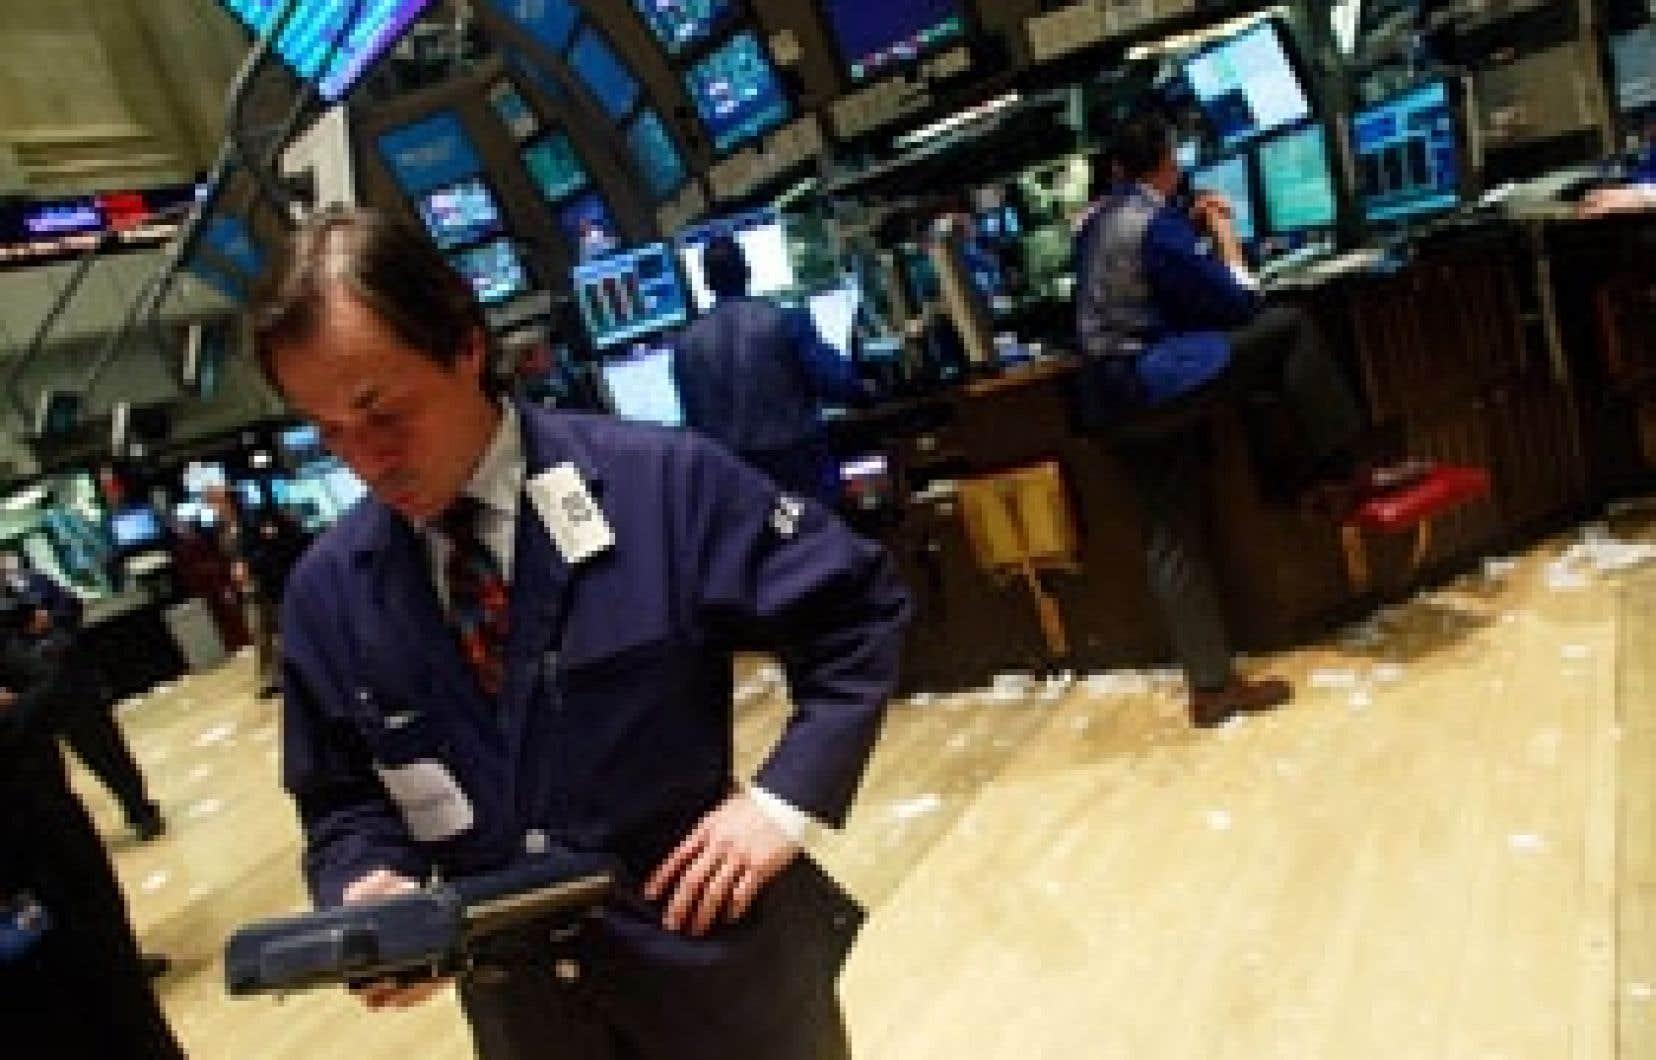 Le Dow Jones a lâché 250,89 points pour atteindre son plus bas niveau de clôture depuis mai 1997, de quoi décourager ce courtier.